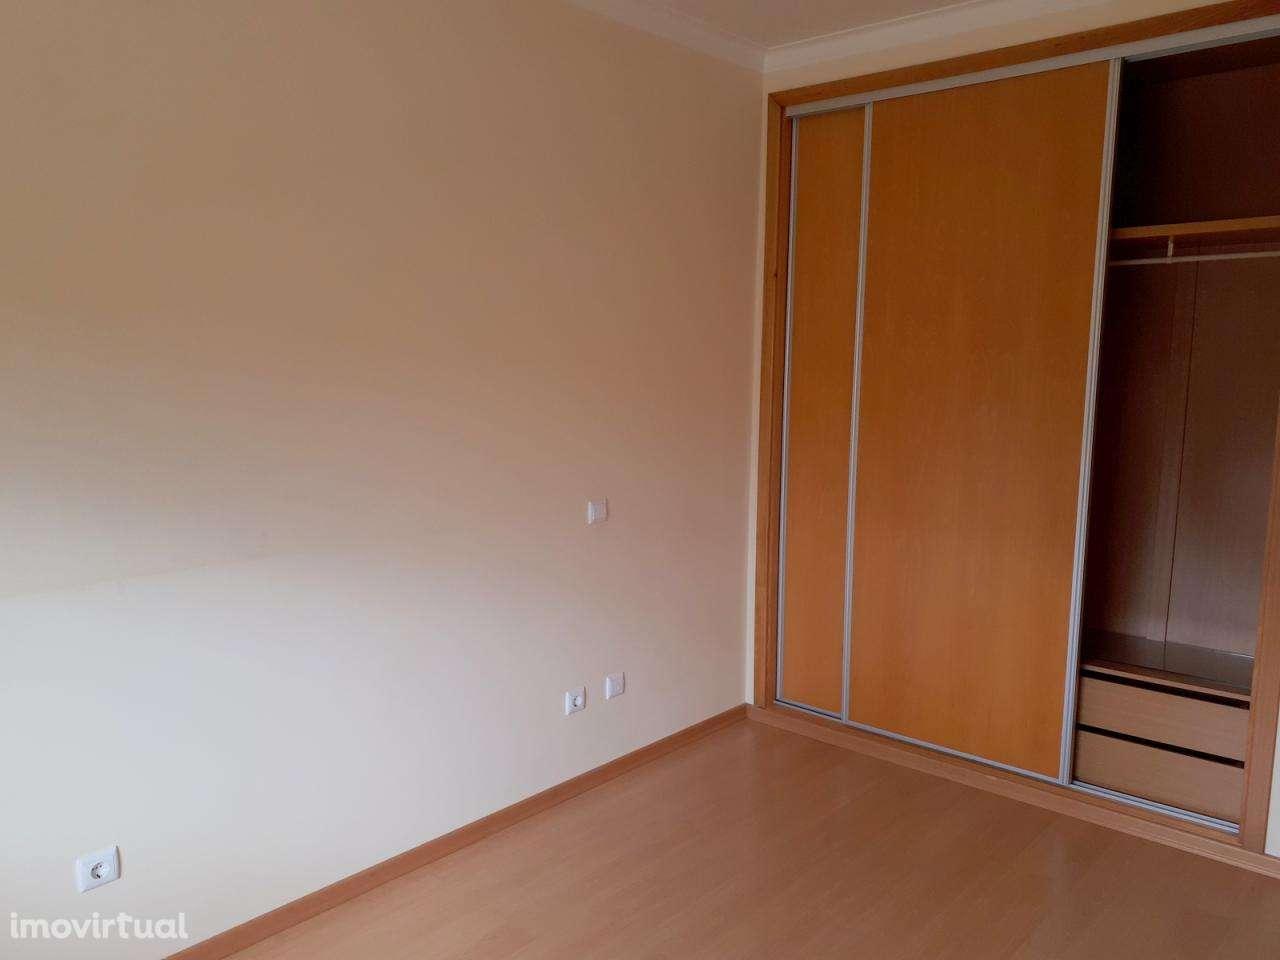 Apartamento para comprar, Sapataria, Lisboa - Foto 8